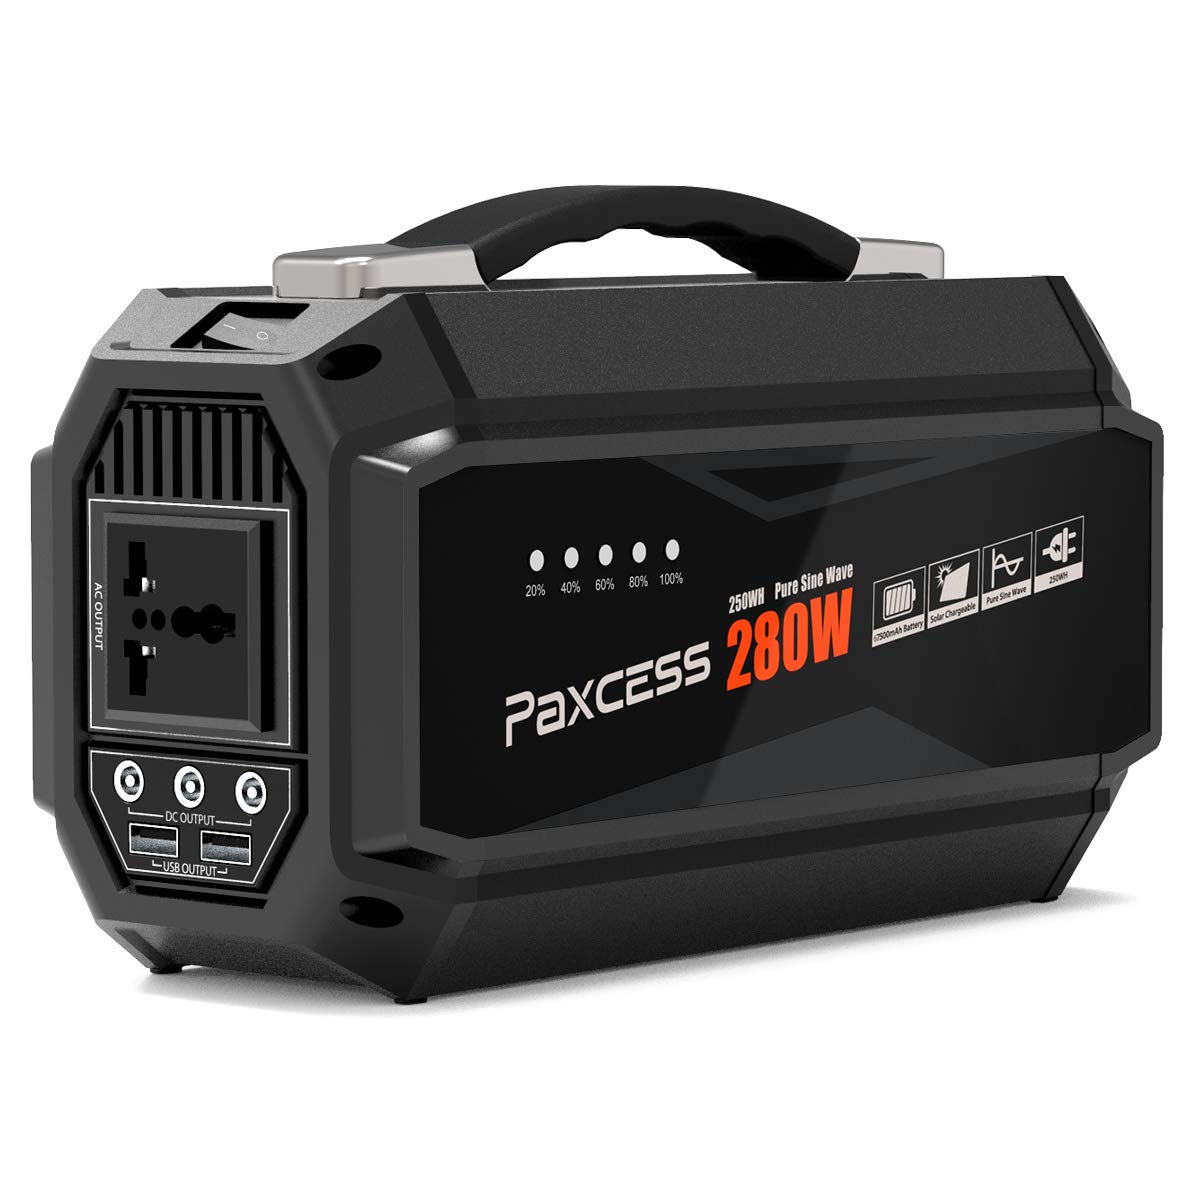 PAXCESS Portable 67500mAh Generator Emergency